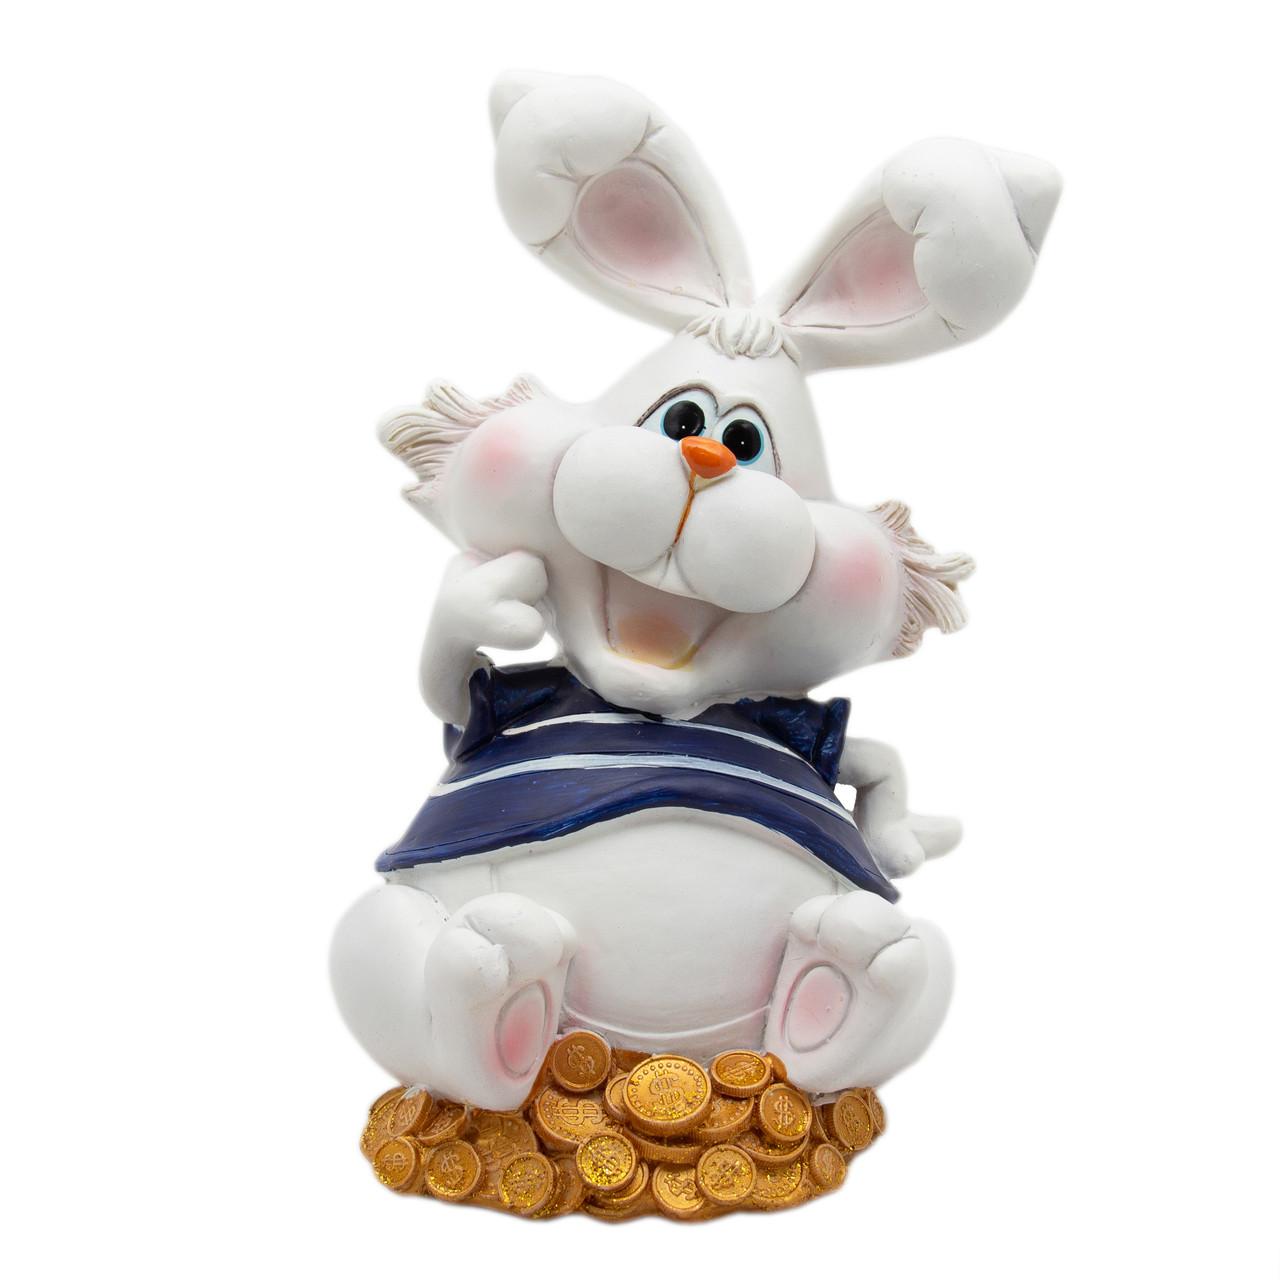 Новогодняя сувенирная фигурка Кролик-копилка поднята лапа, 16, 5 см (440375-1)